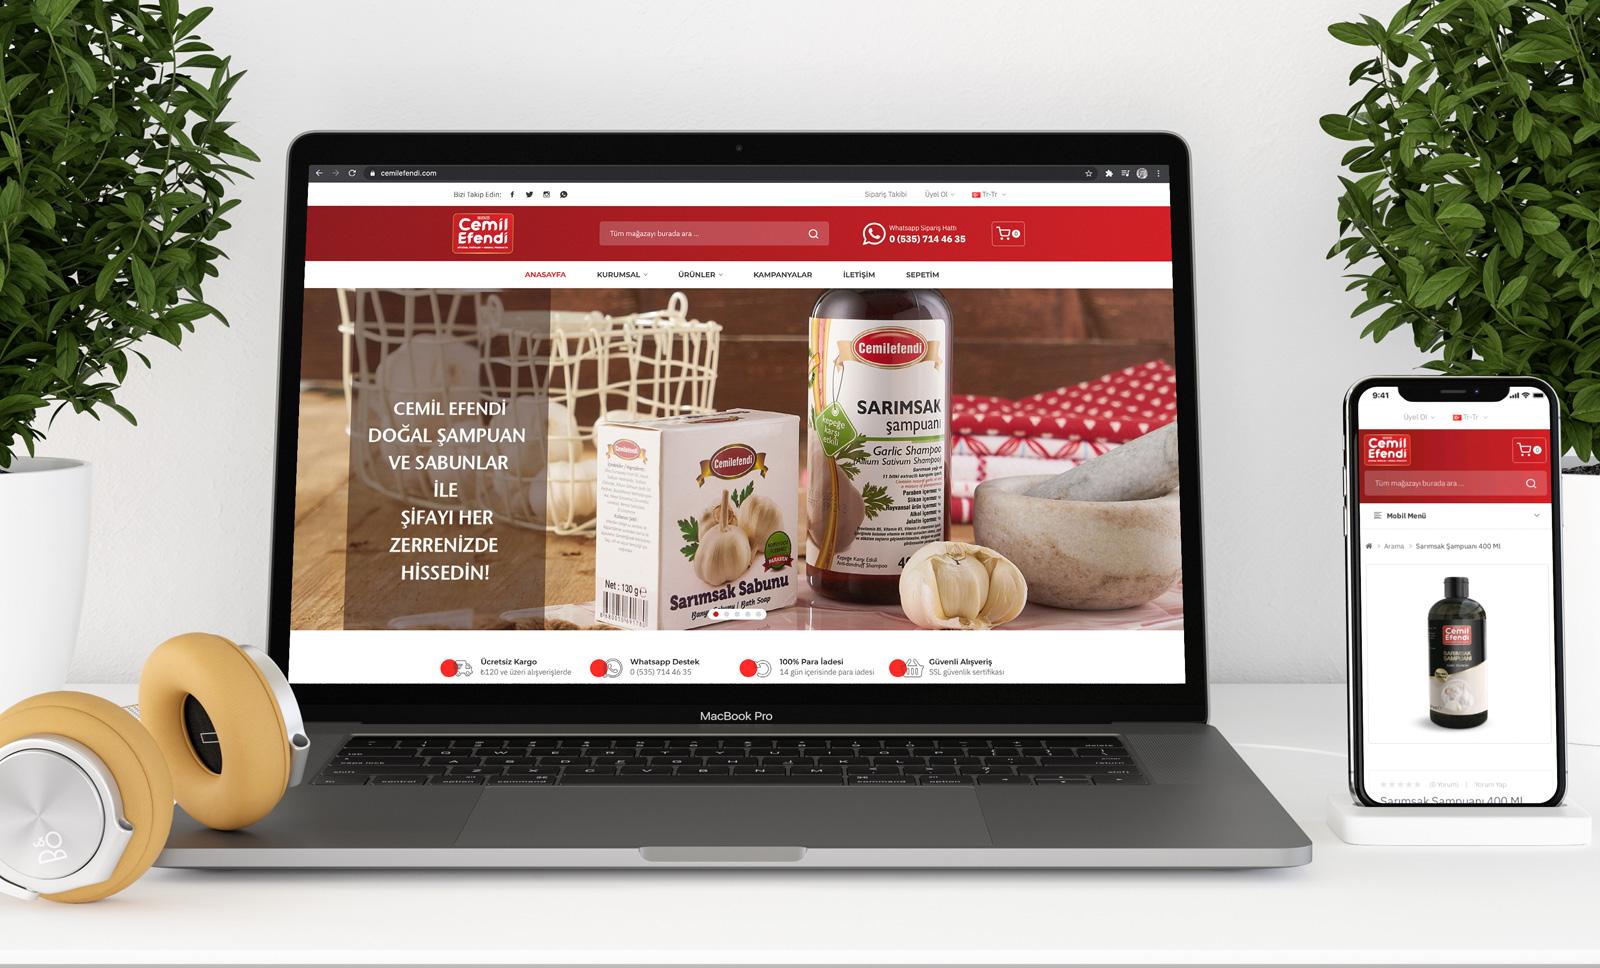 Creas Creative Tasarım ve Reklam Ajansı İzmir - Cemilefendi E-Ticaret Web Sitesi